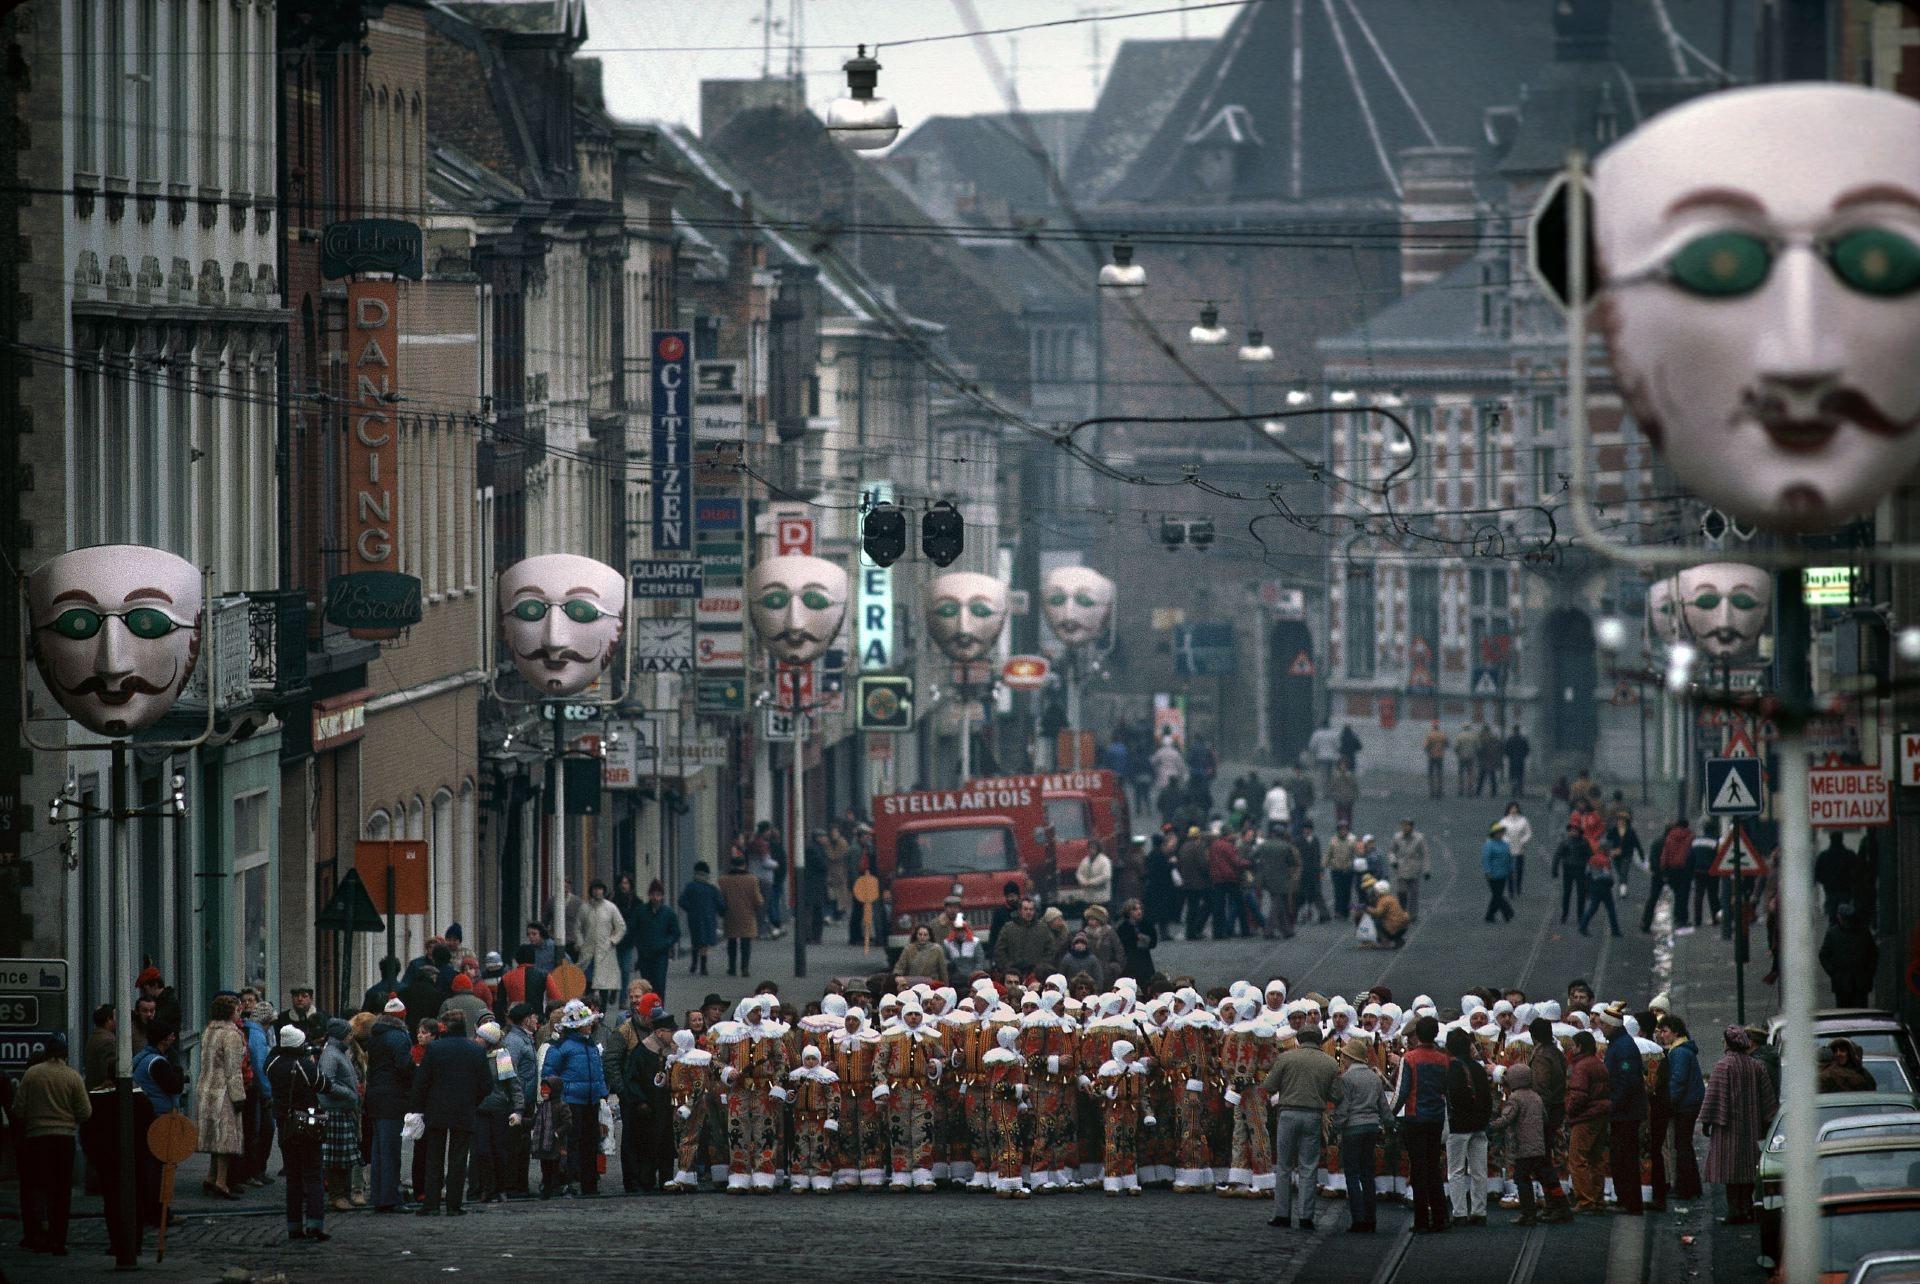 Carnival_Gilles_06